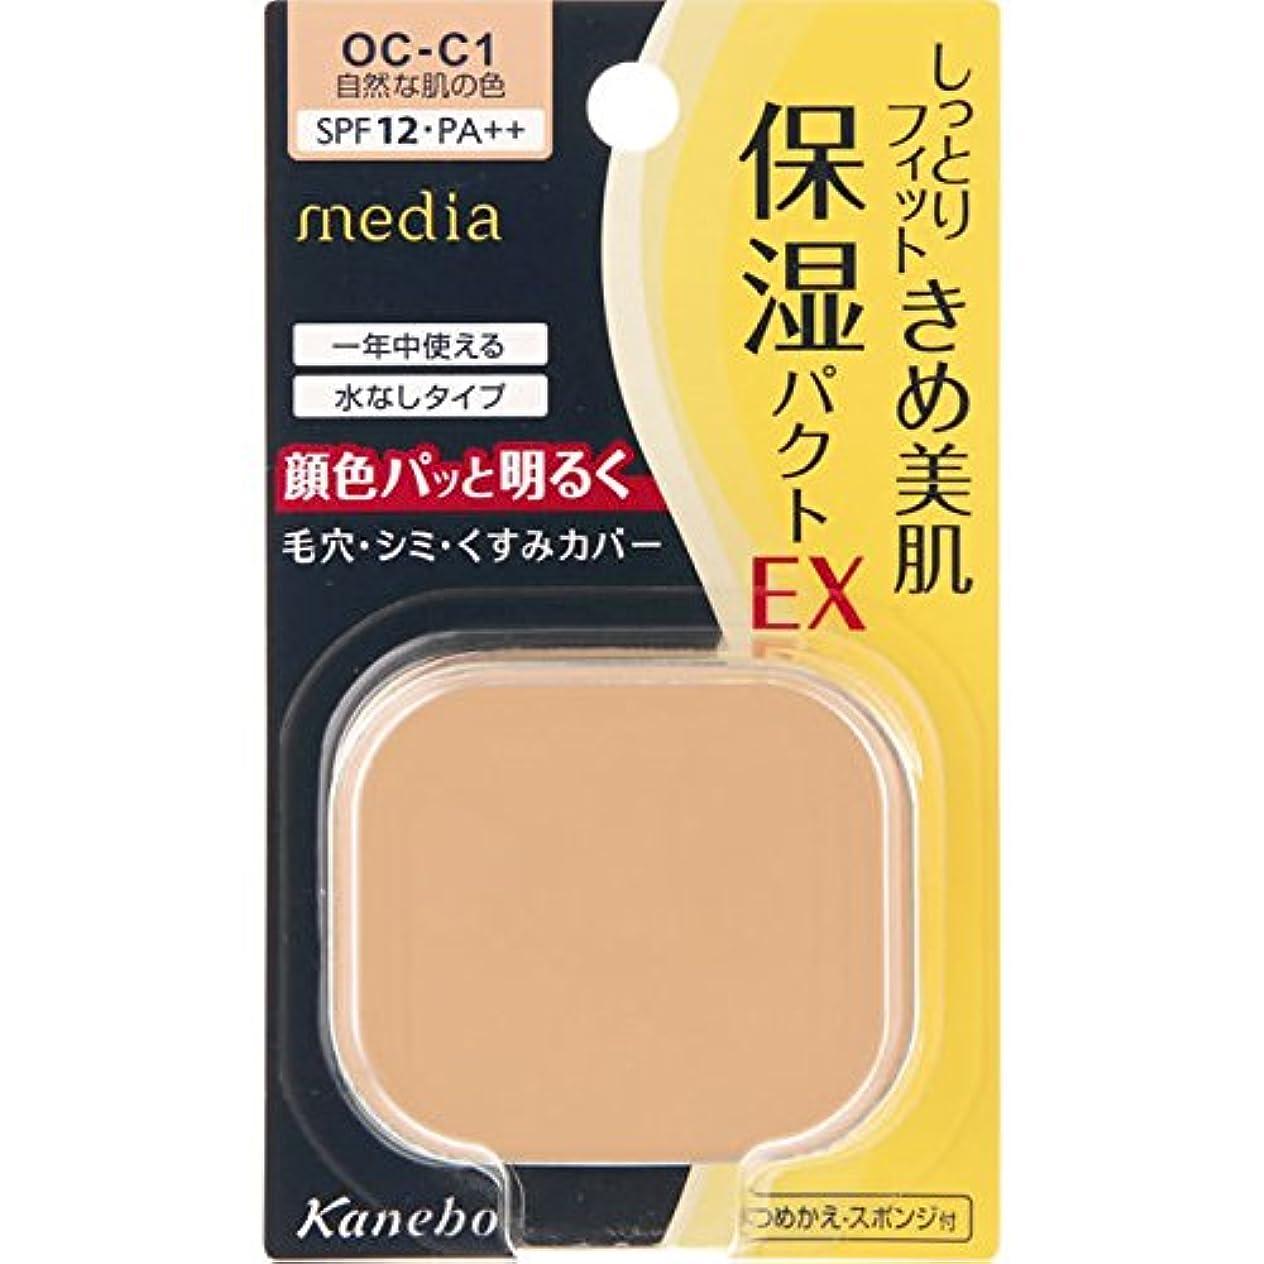 キノコ海上光沢カネボウ メディア モイストフィットパクトEX<つめかえ> OC-C1(11g)